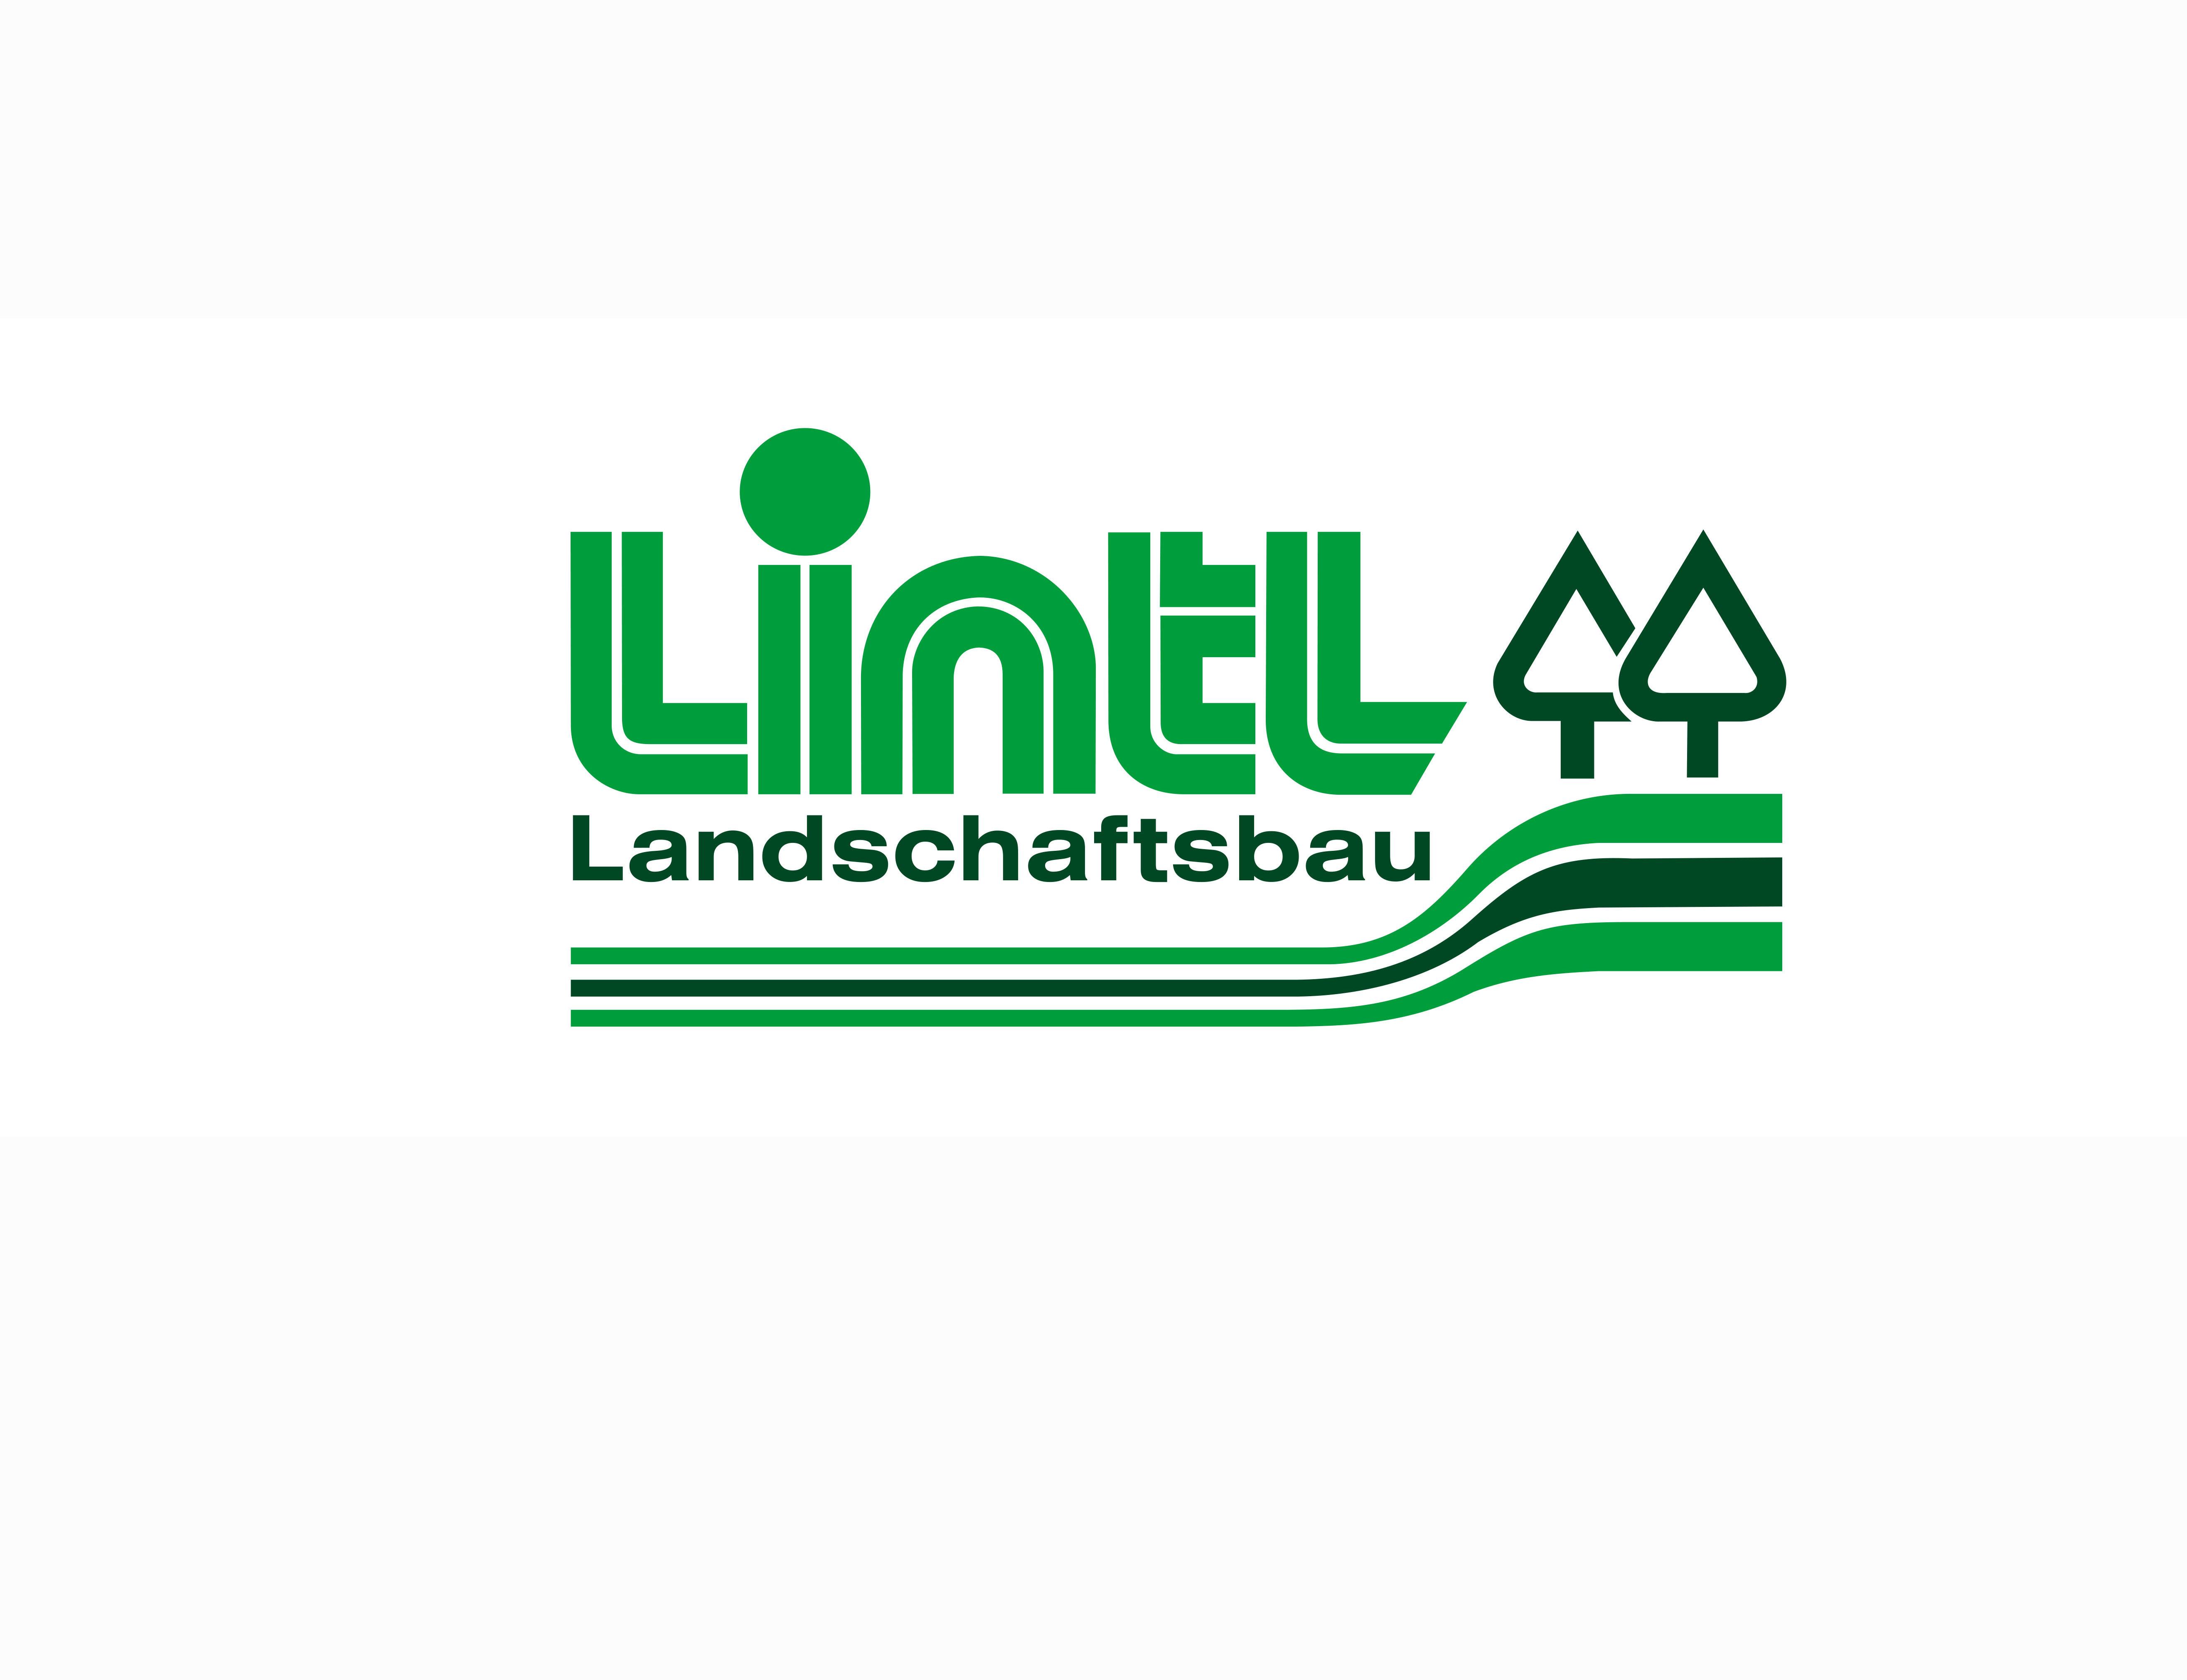 lintl_pflanzen